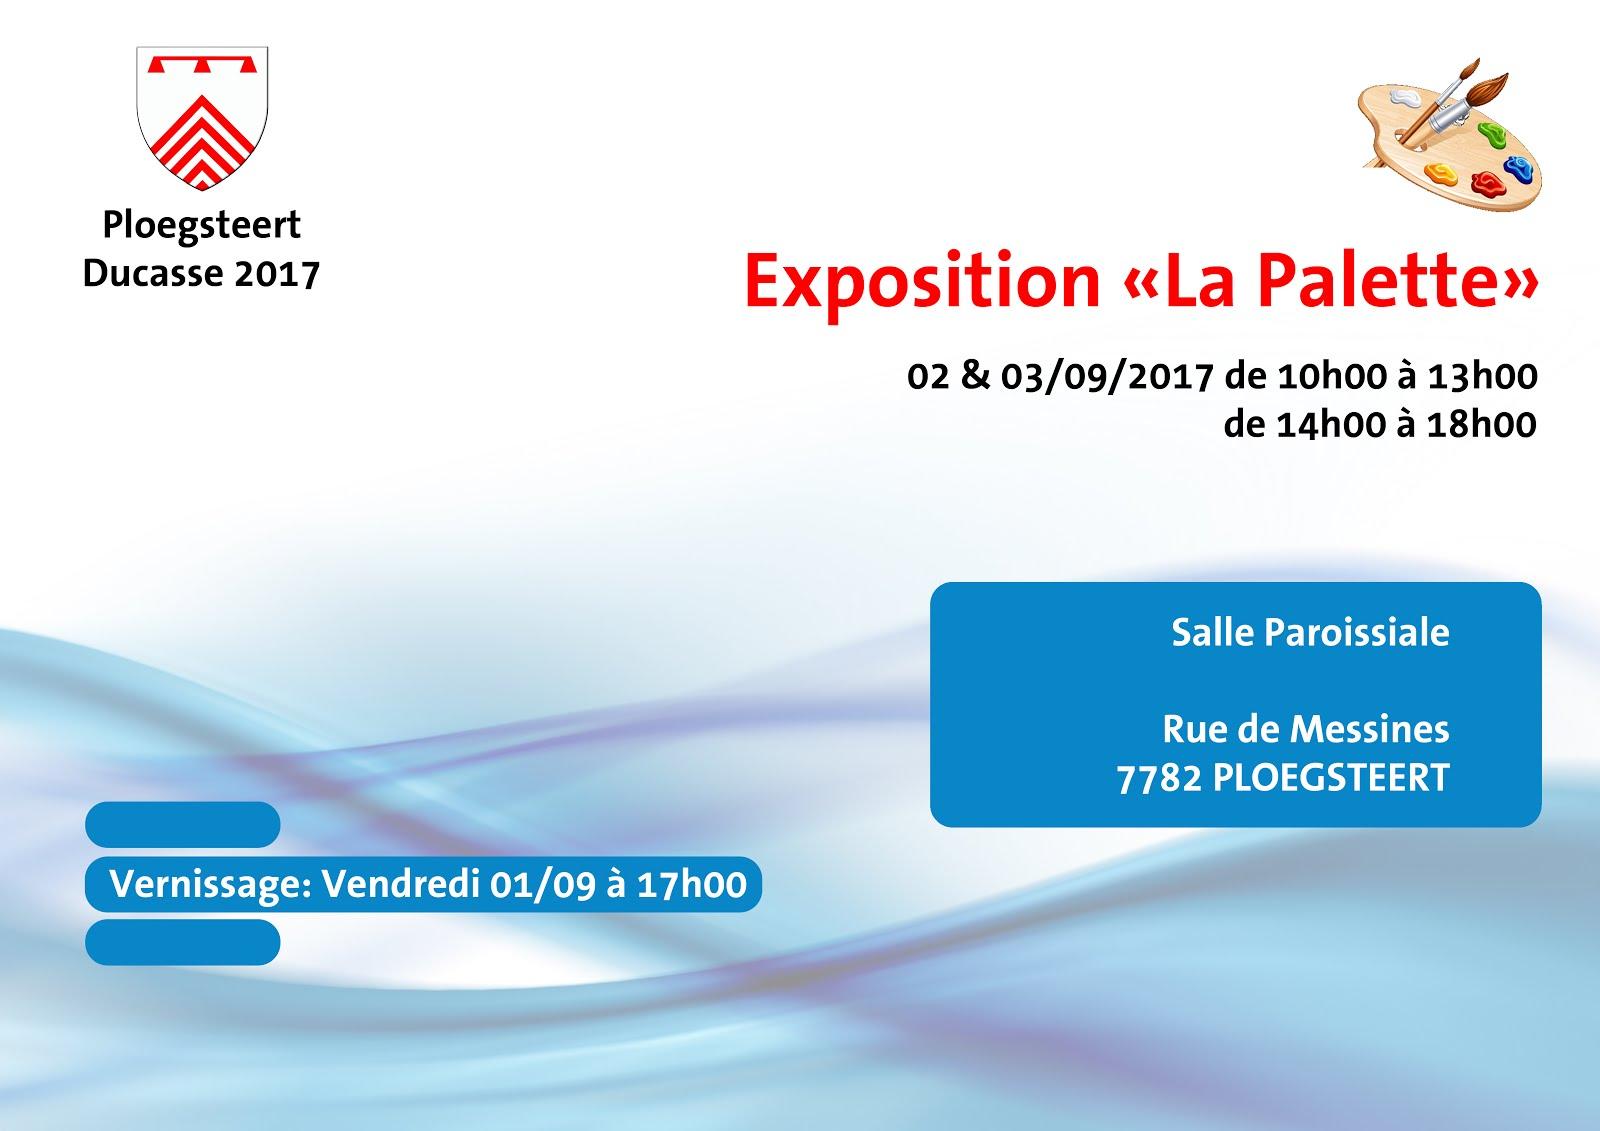 Vendredi 1 septembre expo La palette